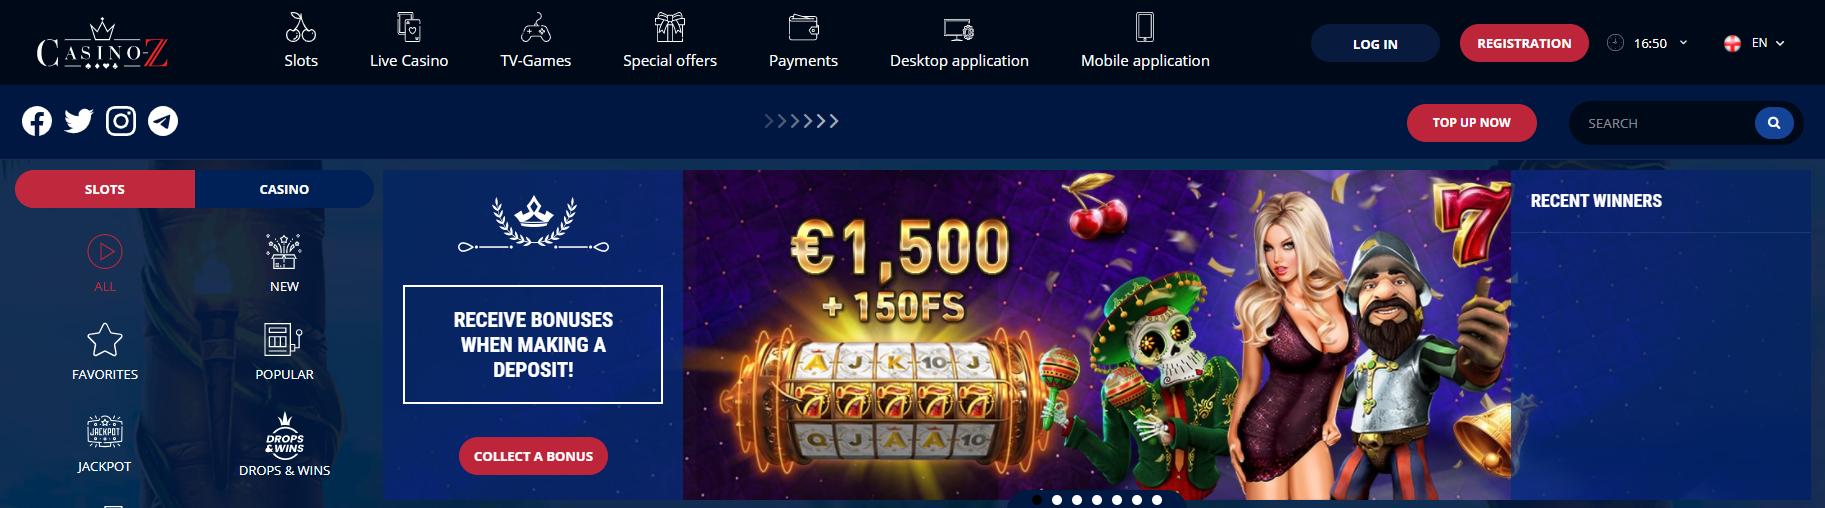 Casino Z official site